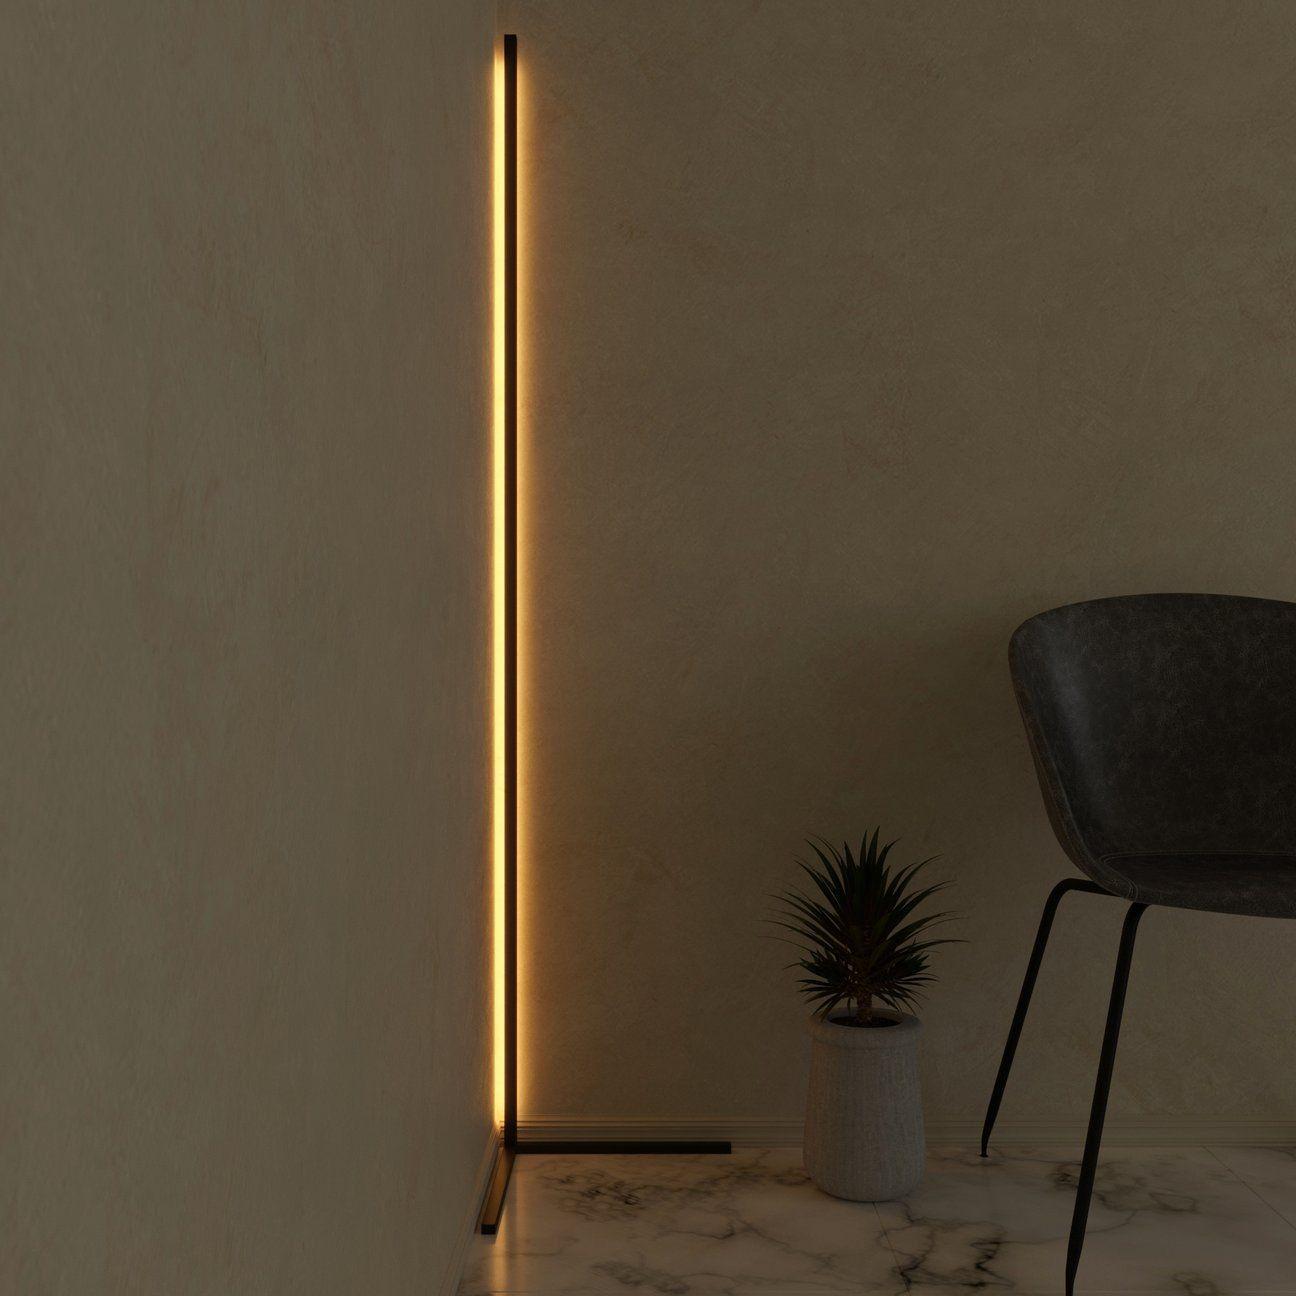 The Original Minimal Corner Lamp In 2020 Corner Lamp Lamps Living Room Lamp